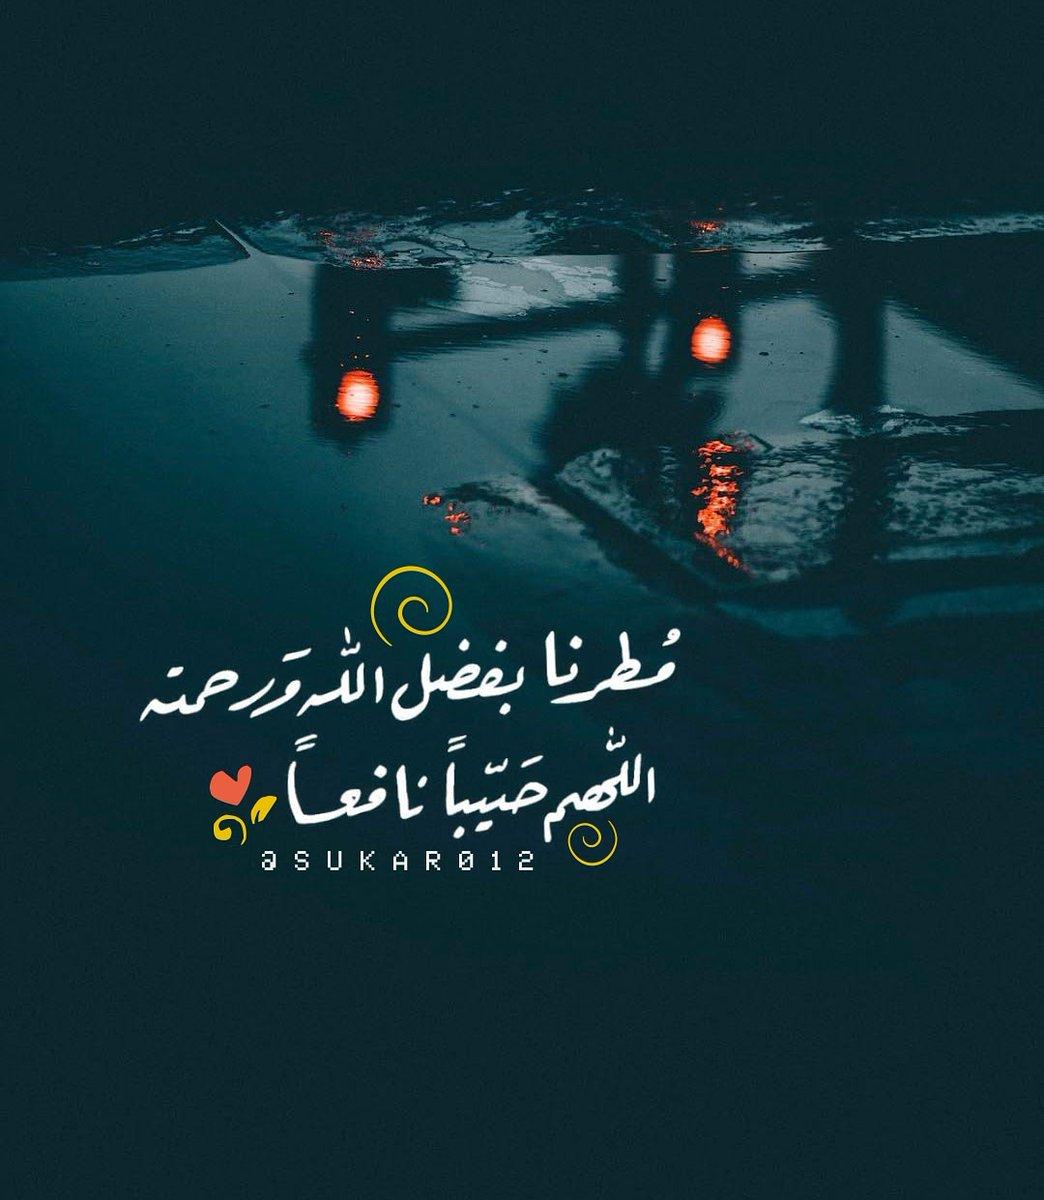 Sukar012 On Twitter مطرنا بفضل الله ورحمته اللهم صيبا نافعا مساء الخير مطر صوت المطر